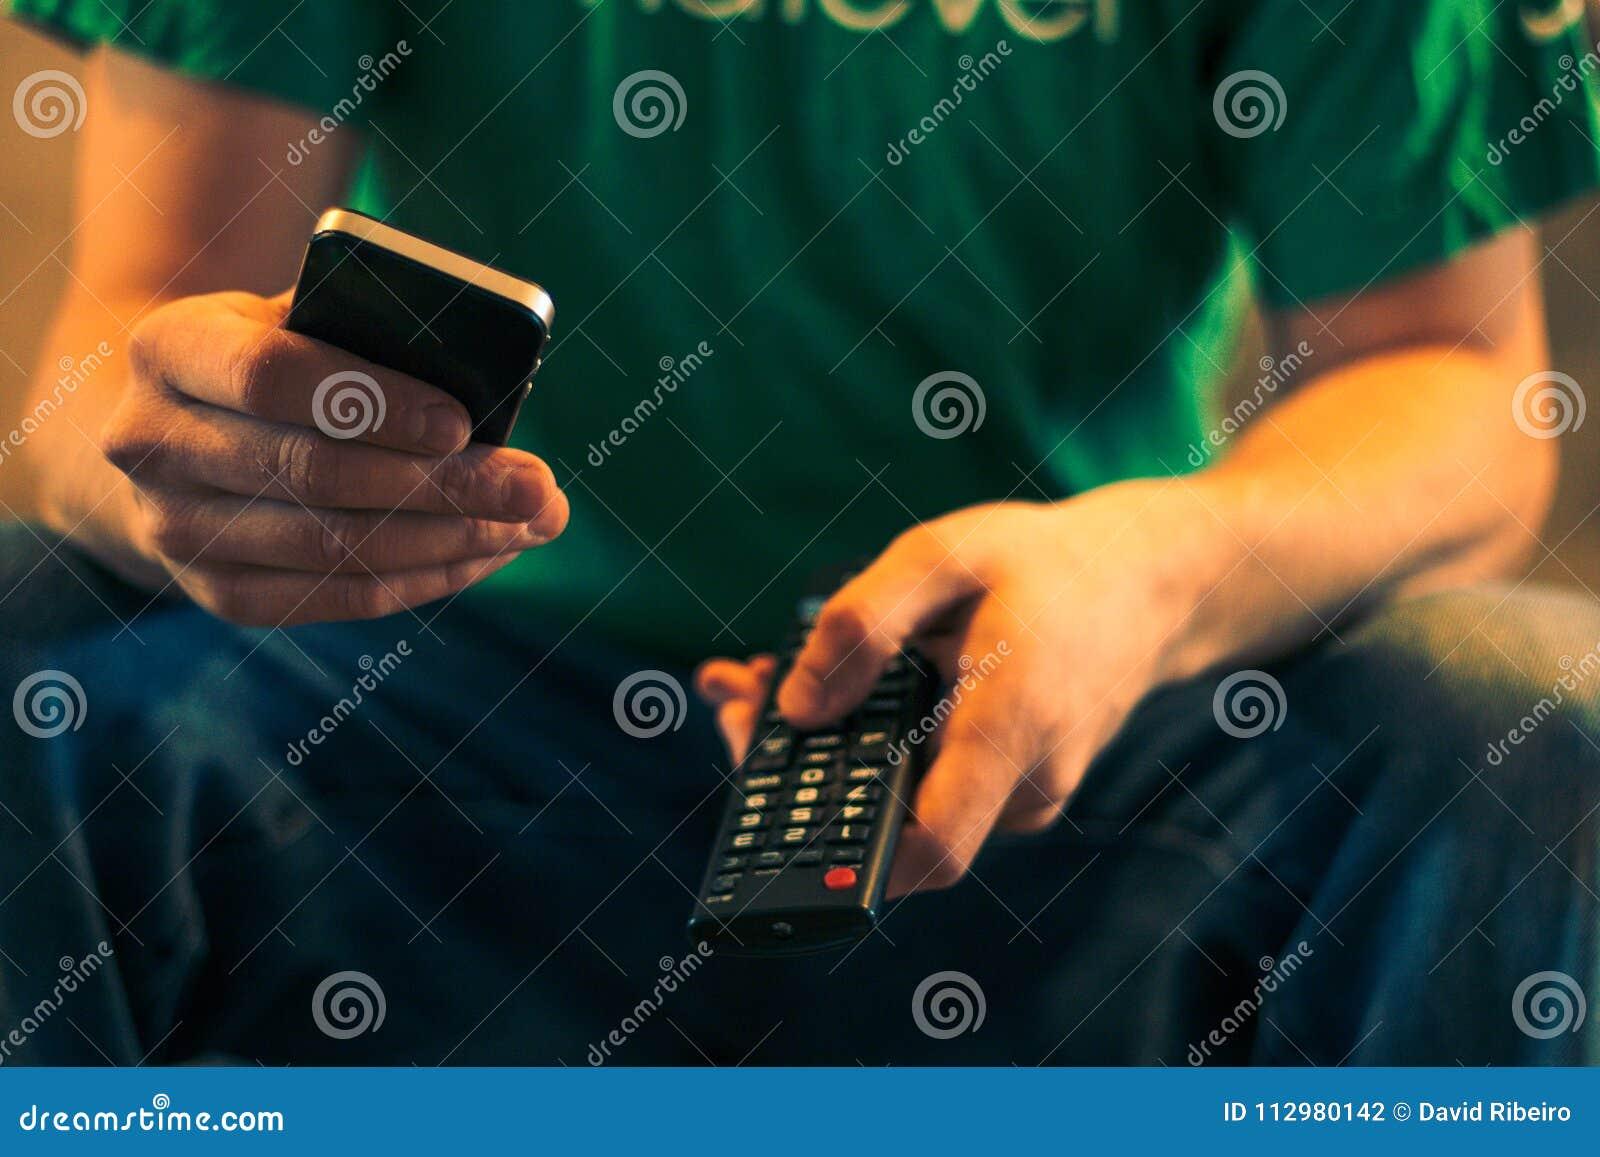 Schließen Sie oben von einem Mann, der einen Handy und eine Fernsehfernbedienung hält